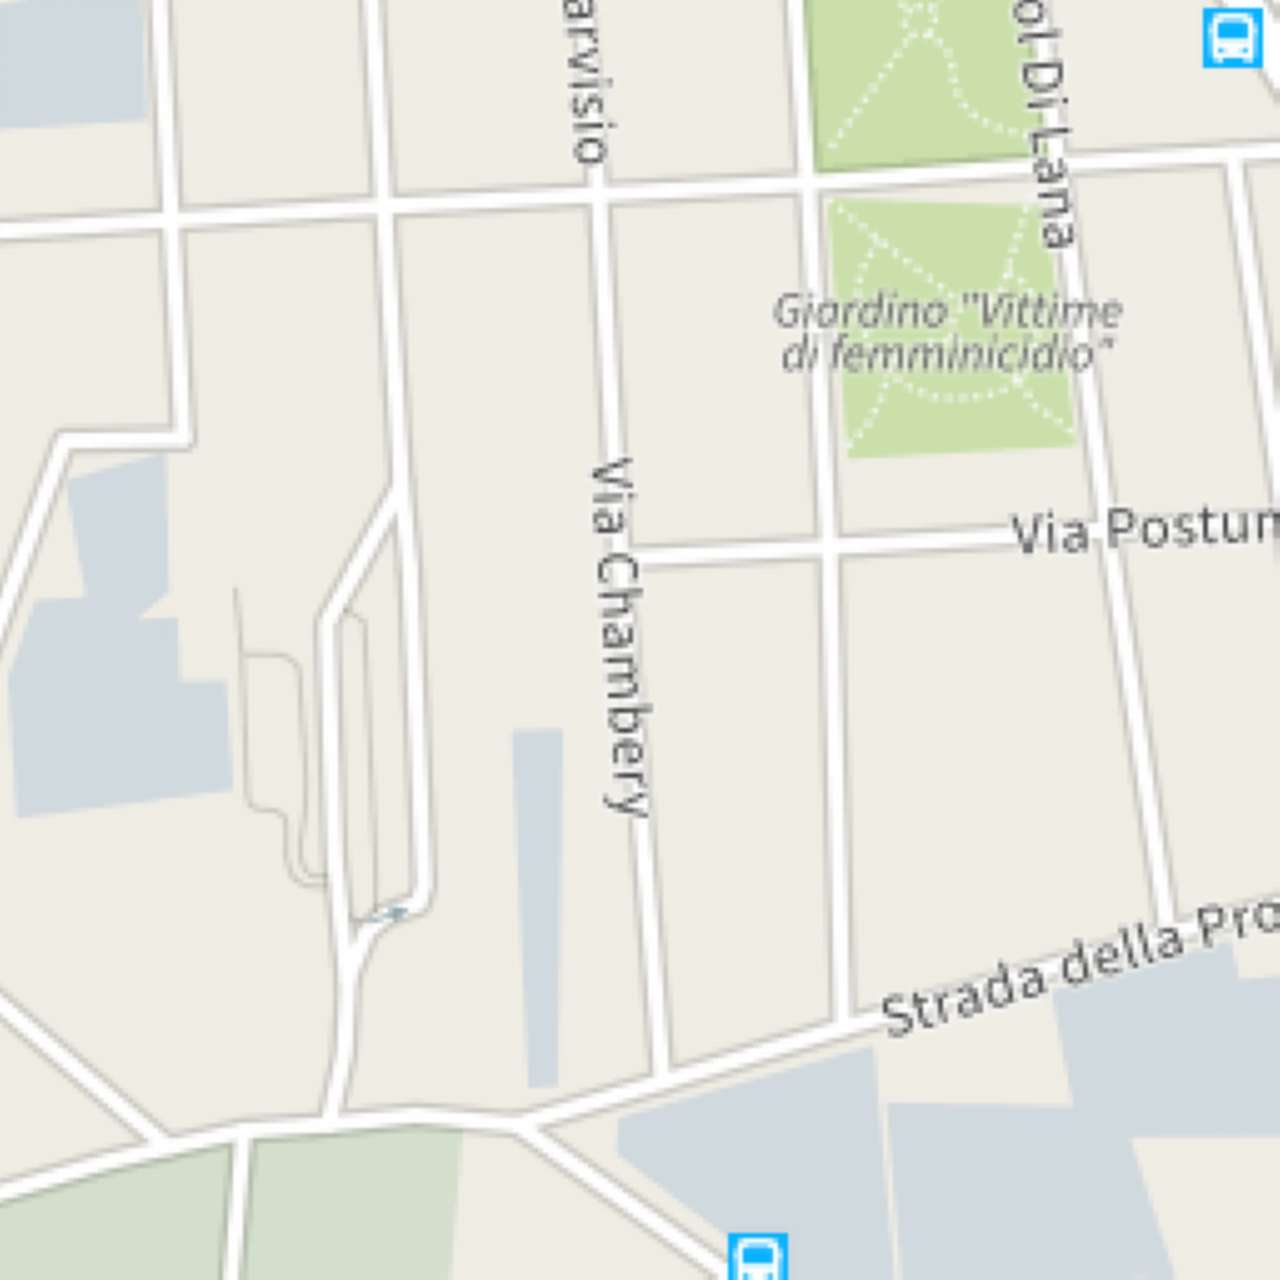 Torino Torino Affitto APPARTAMENTO , cercasi appartamento da affittare a torino